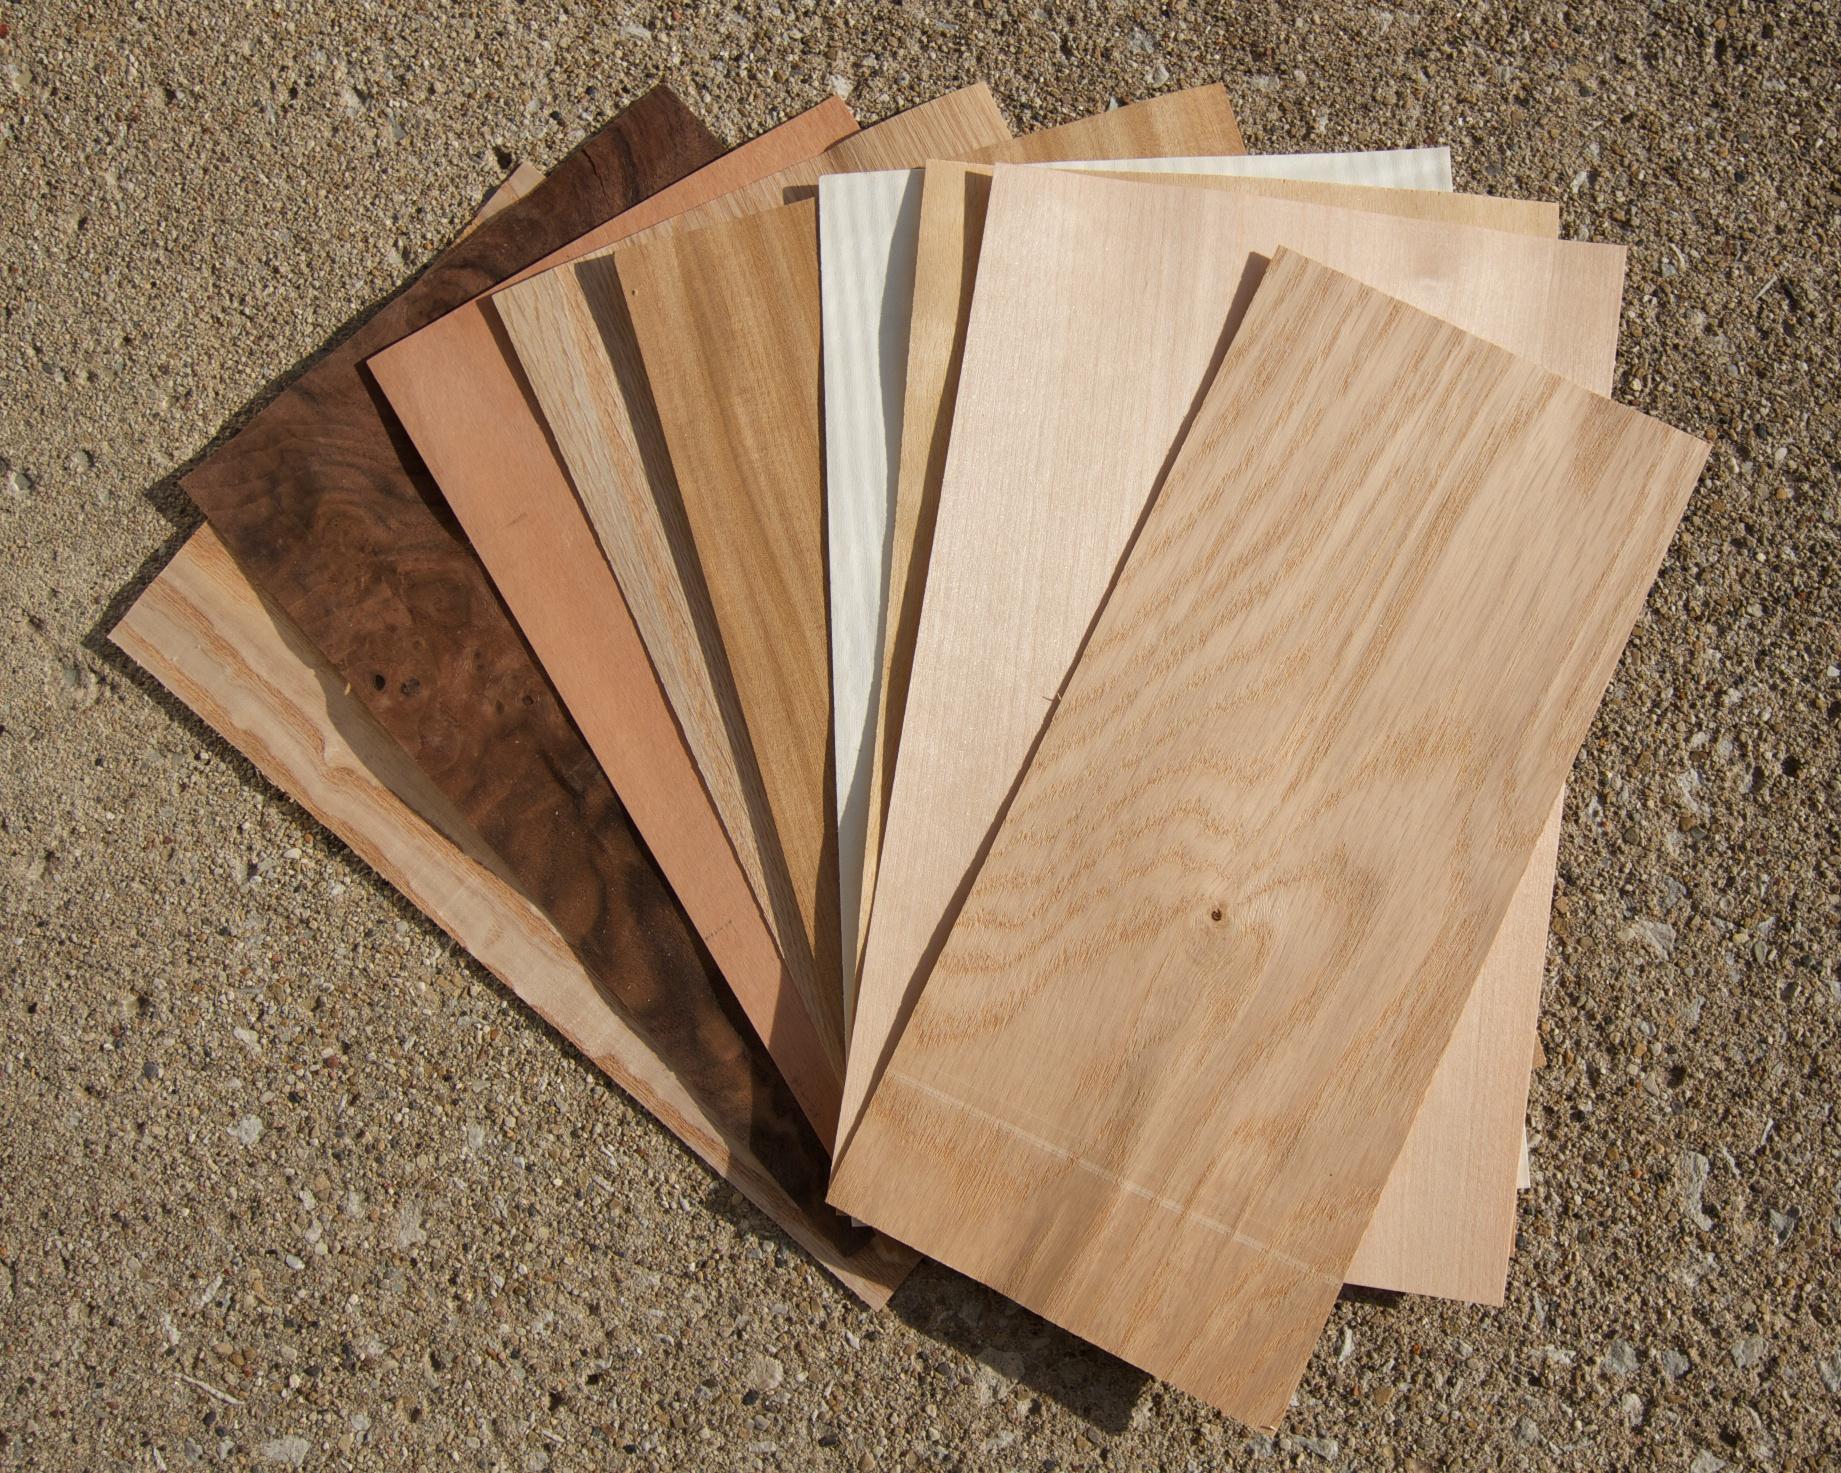 DIY Hardwood Veneer Suppliers Plans Free